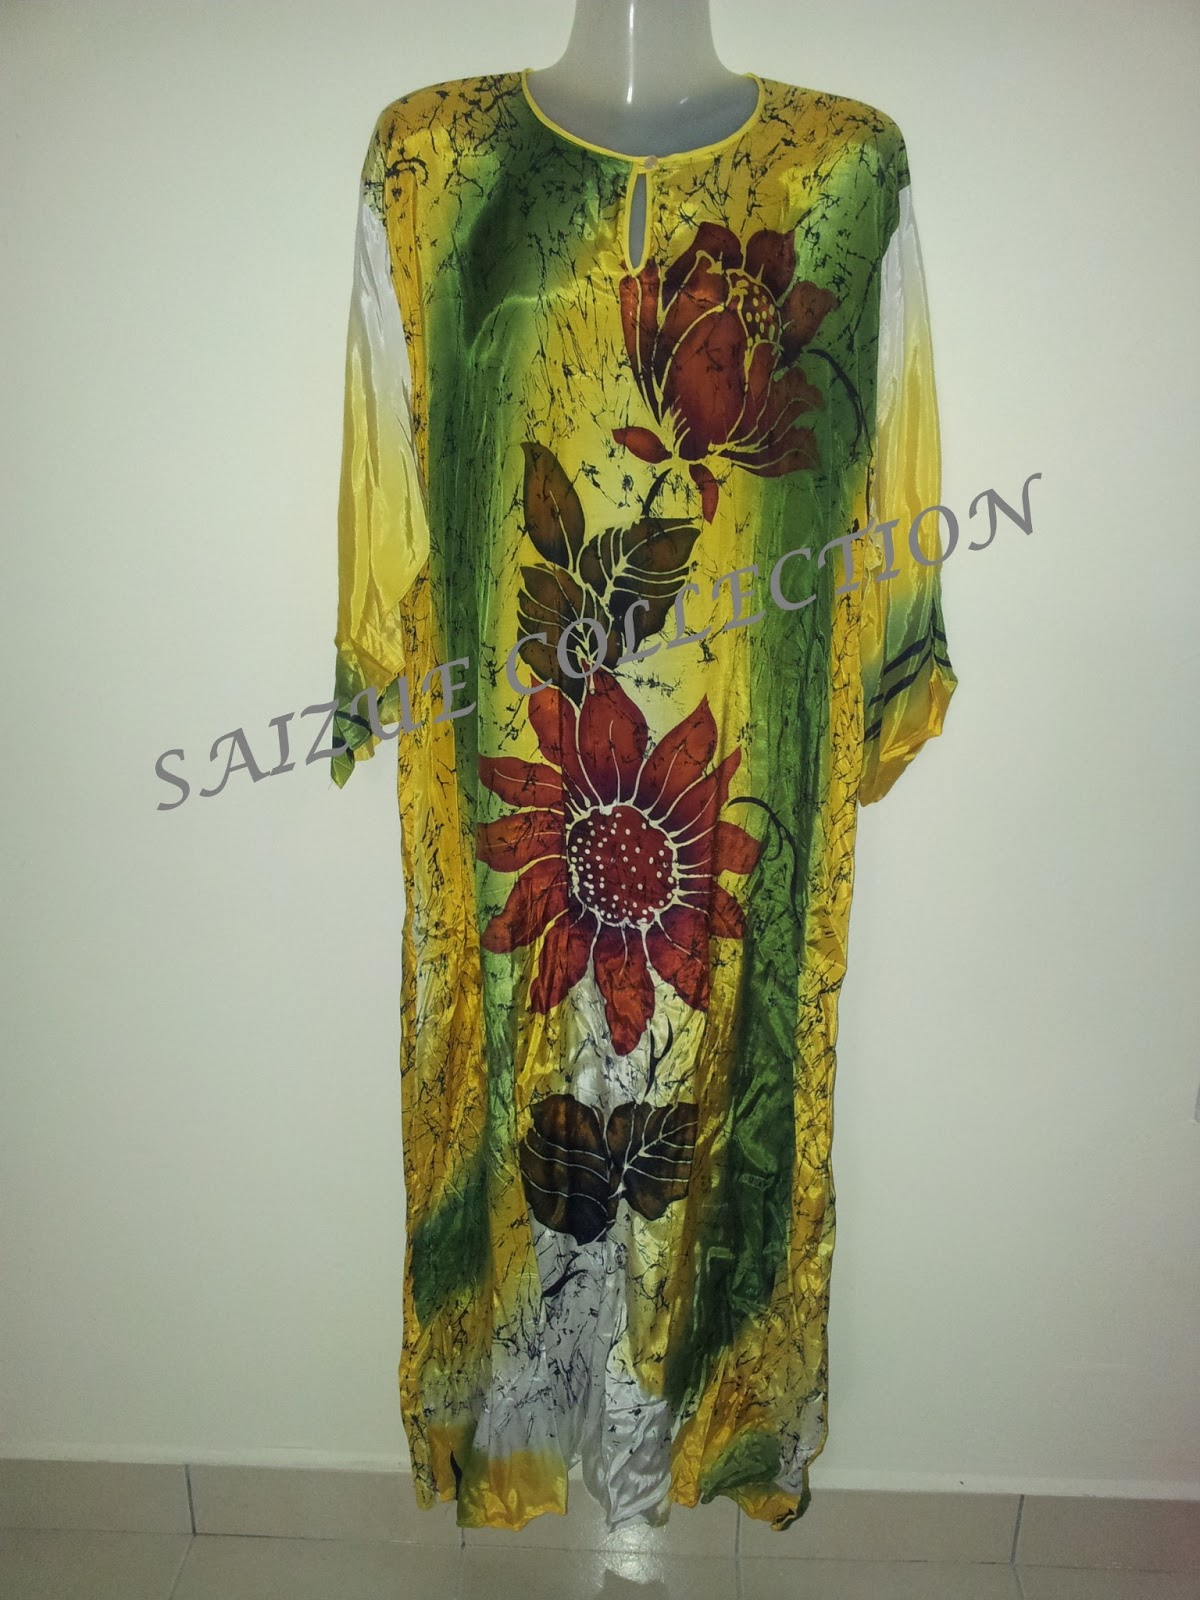 Corak Batik Wallpaper | Joy Studio Design Gallery - Best Design